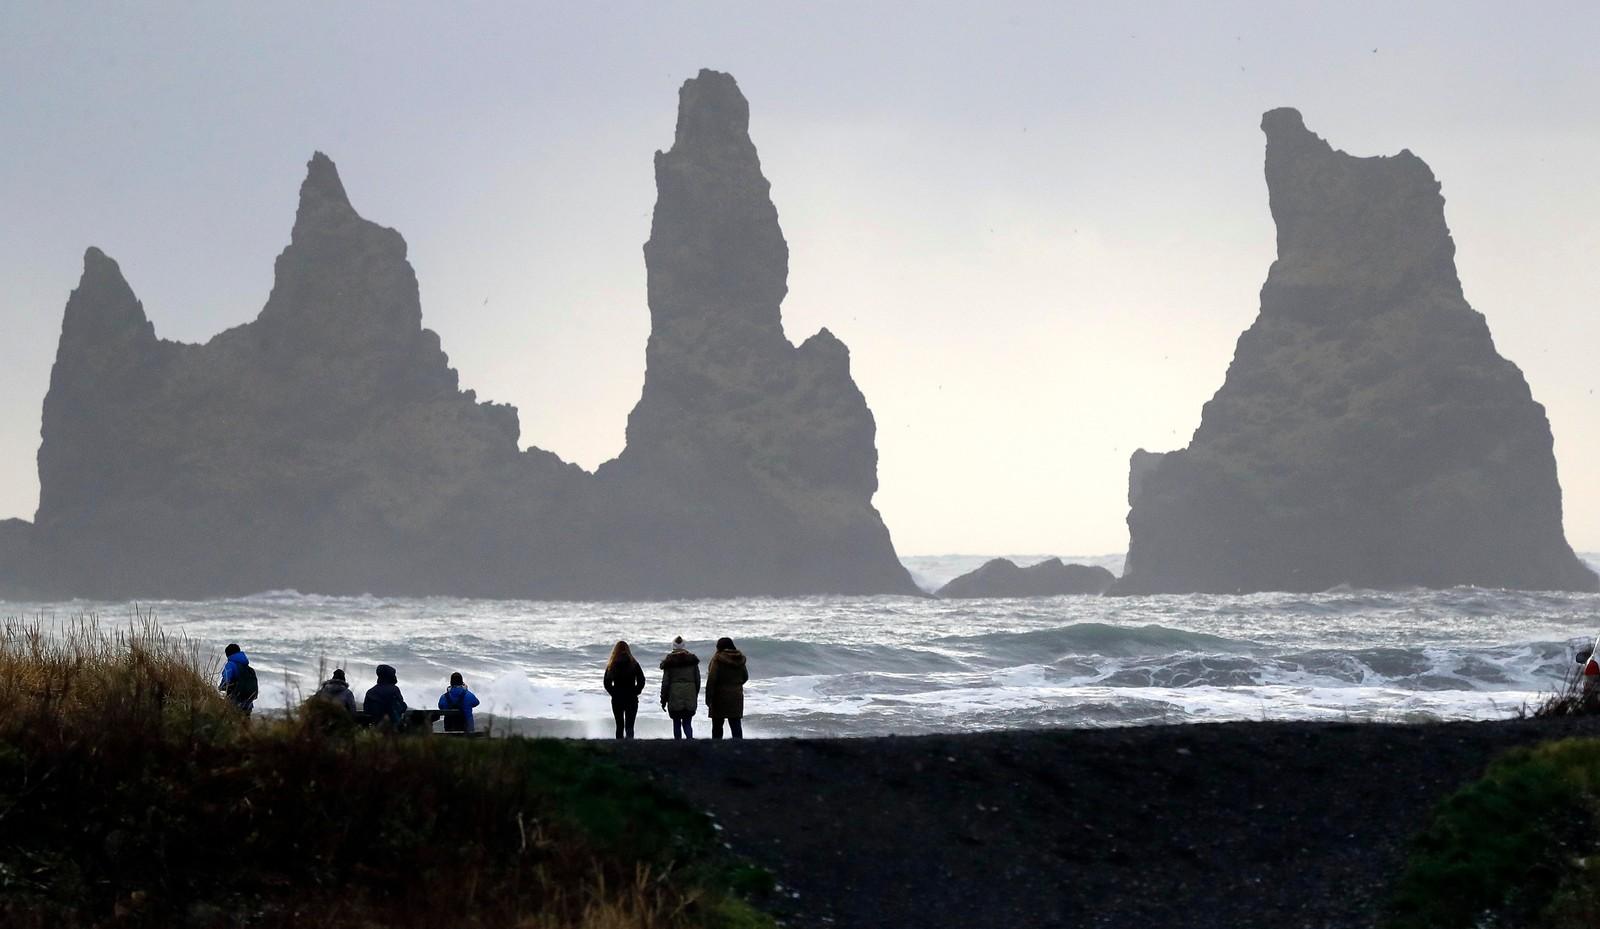 Den svarte stranden i Vik på Island med steinsøylene Reynisdrangar i bakgrunnen. Søylene består av svart basalt.